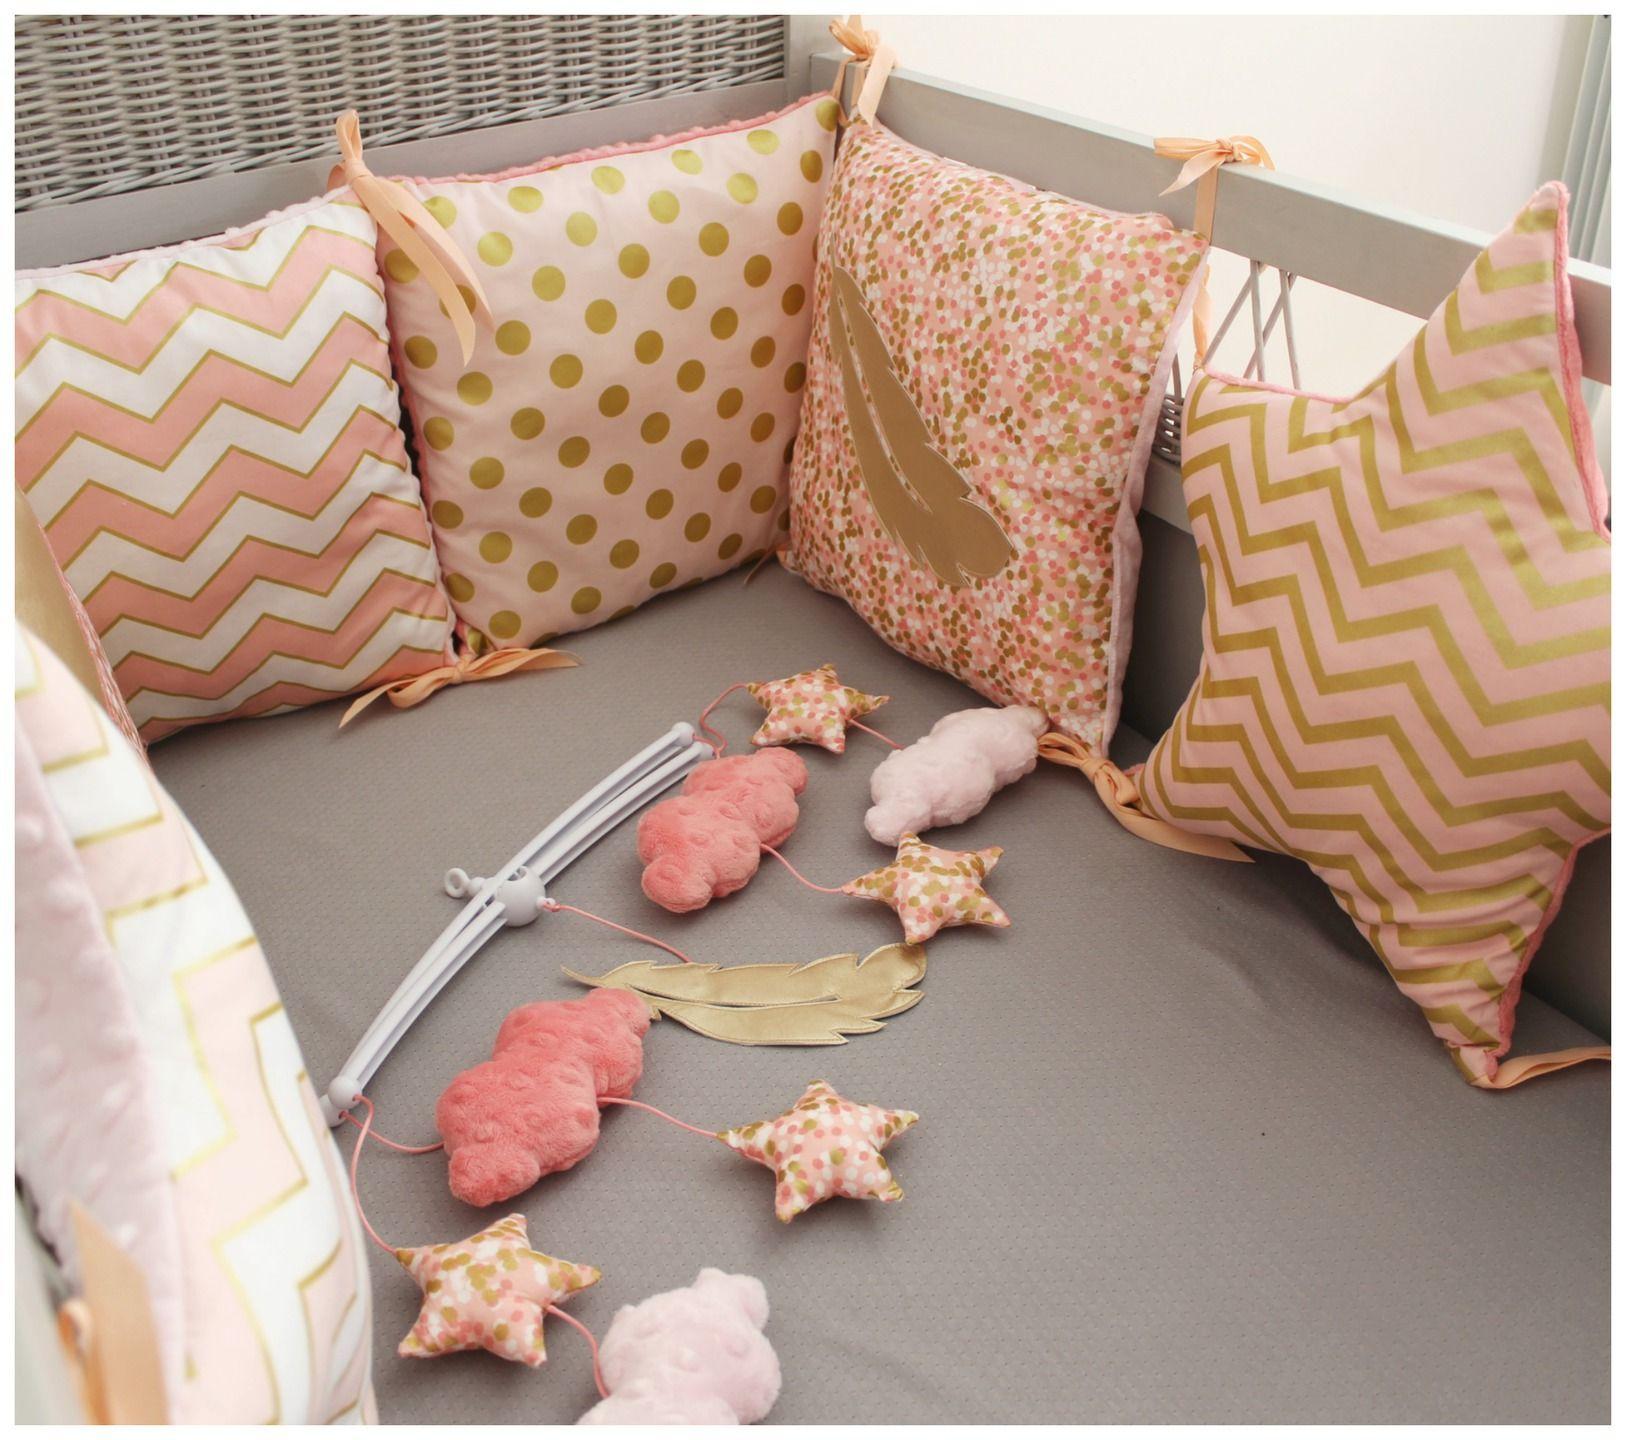 tour de lit toiles et carr s th me plume corail rose. Black Bedroom Furniture Sets. Home Design Ideas